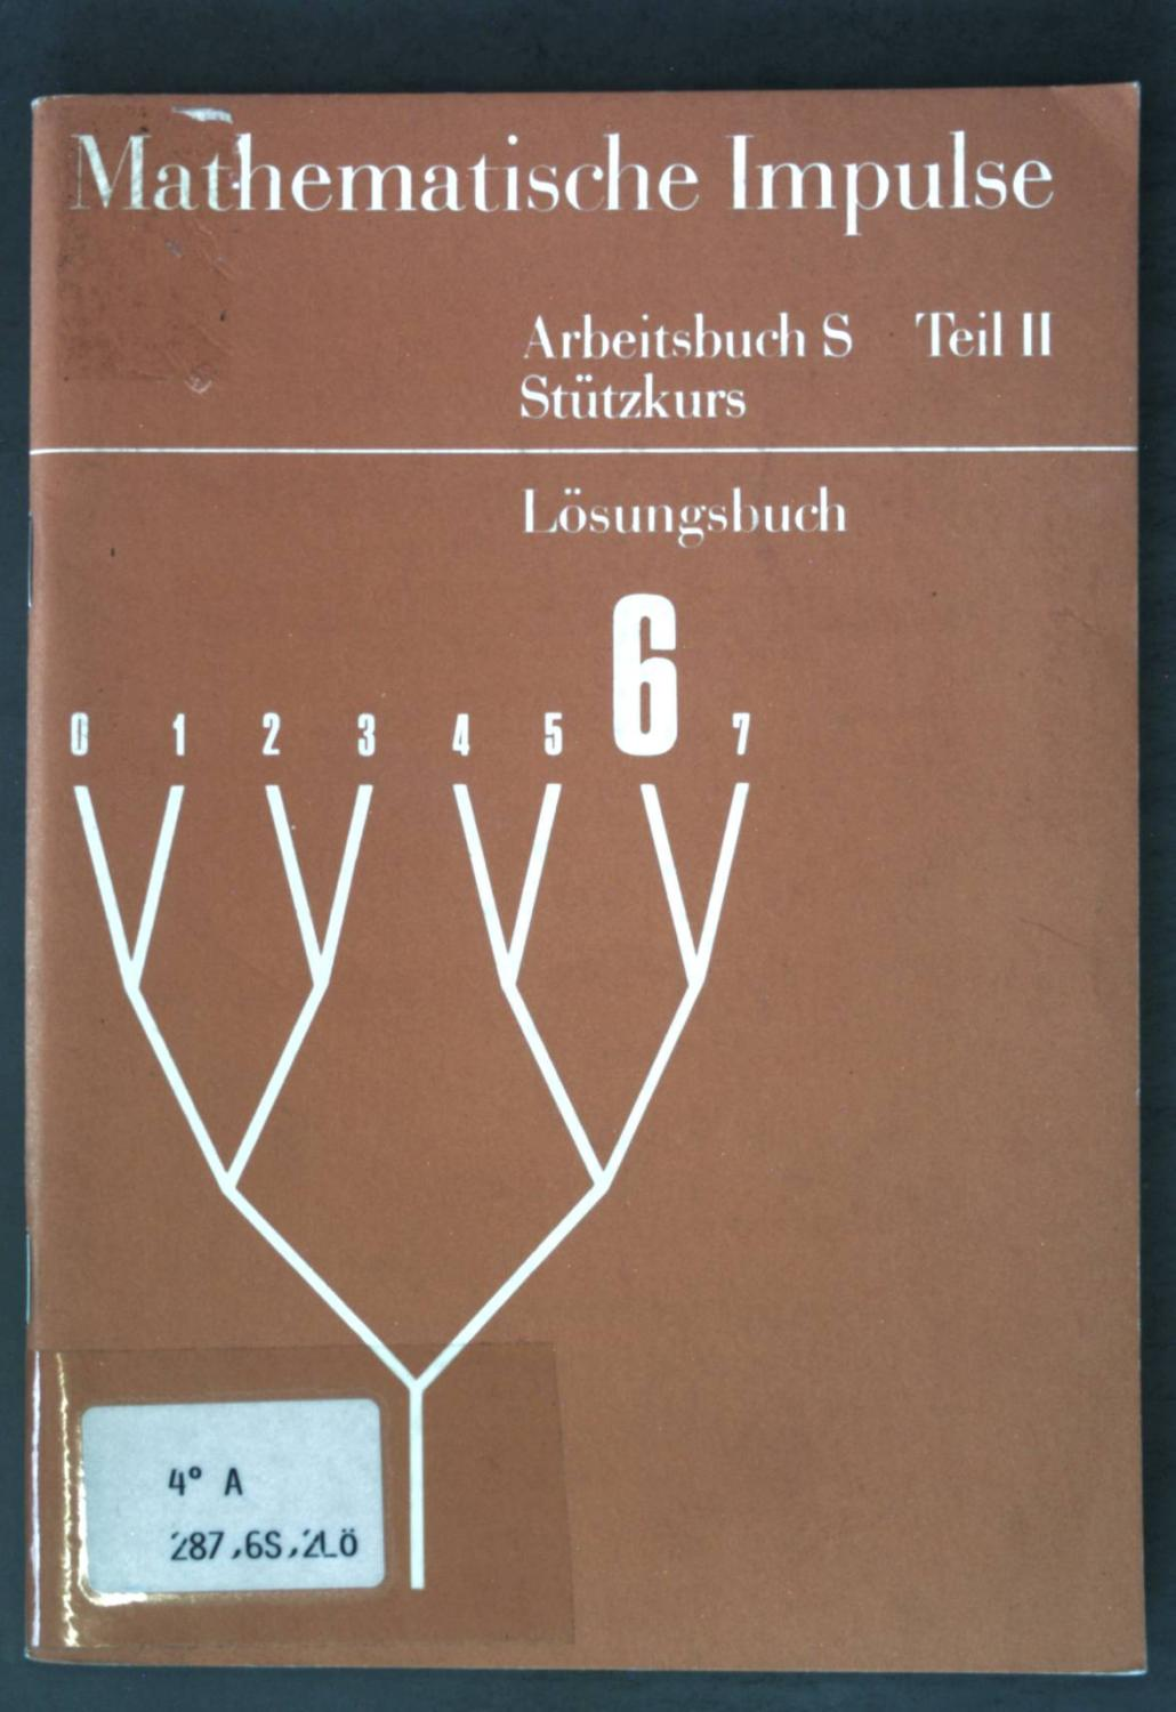 Mathematische Impulse: Arbeitsbuch S Teil II: Stützkurs;: Fricke, Arnold: